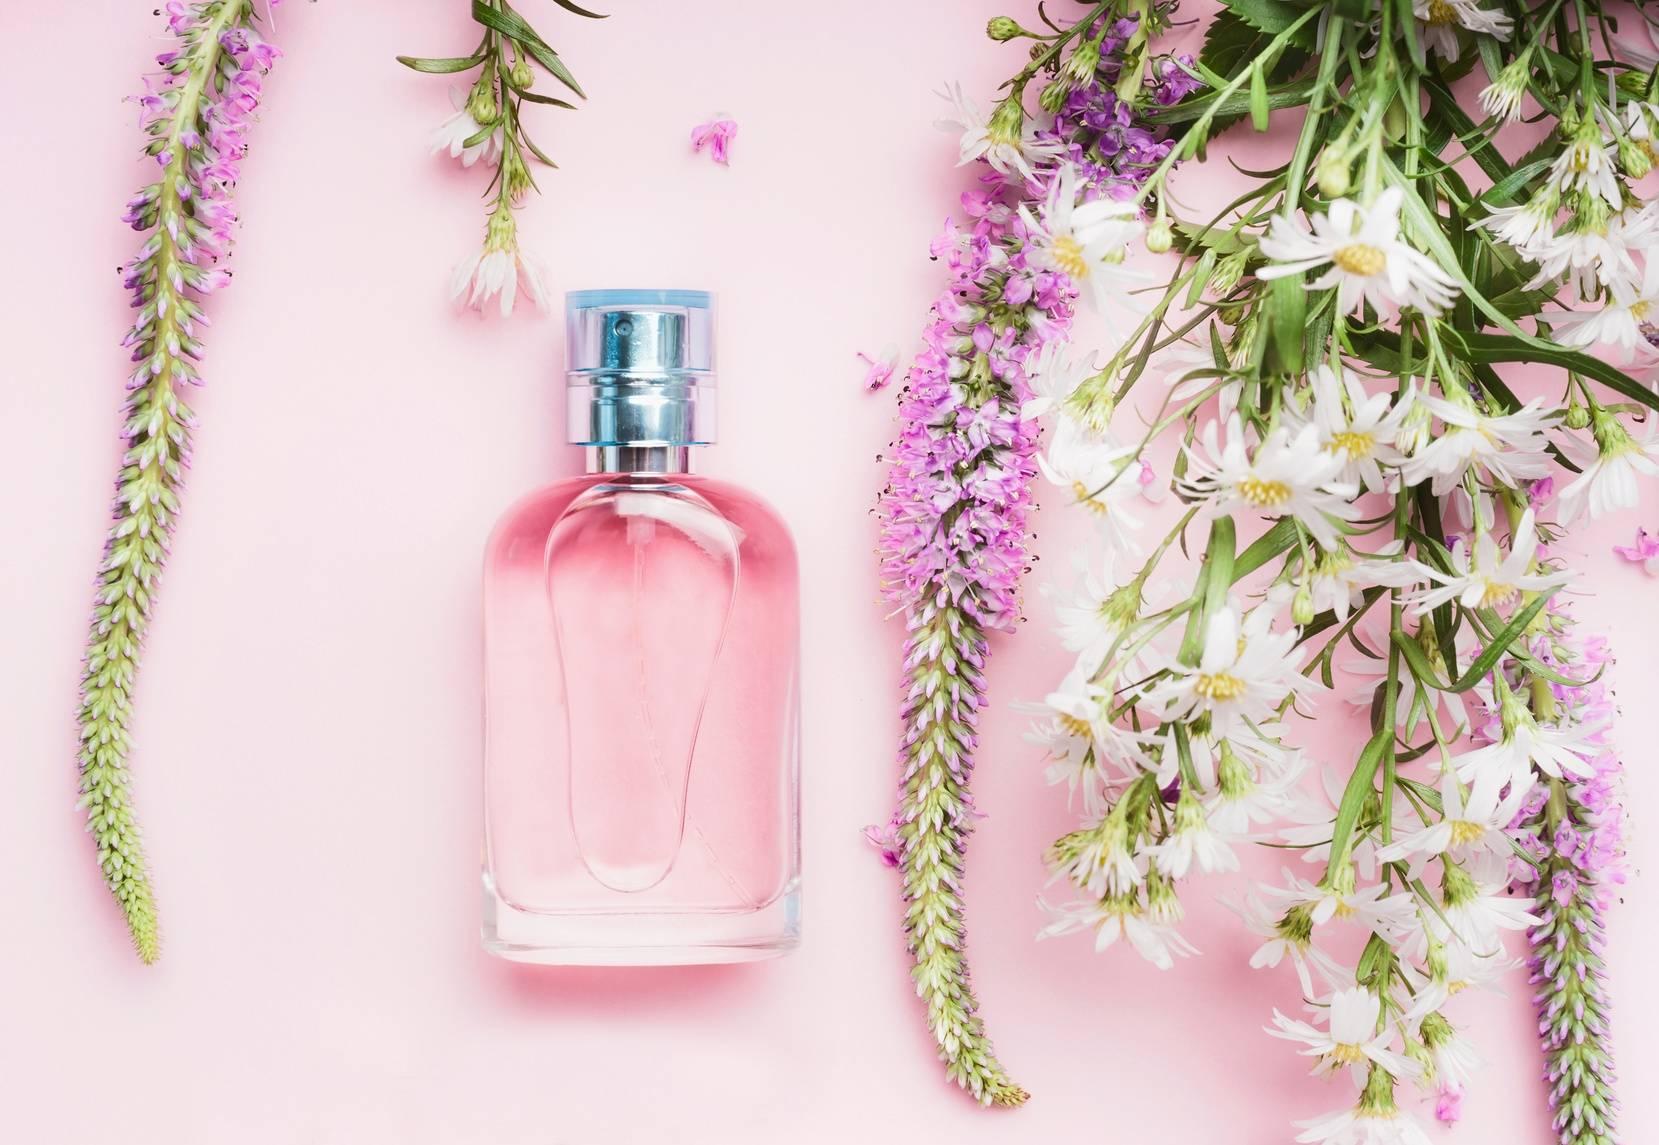 Zapachy w perfumach i kosmetykach.